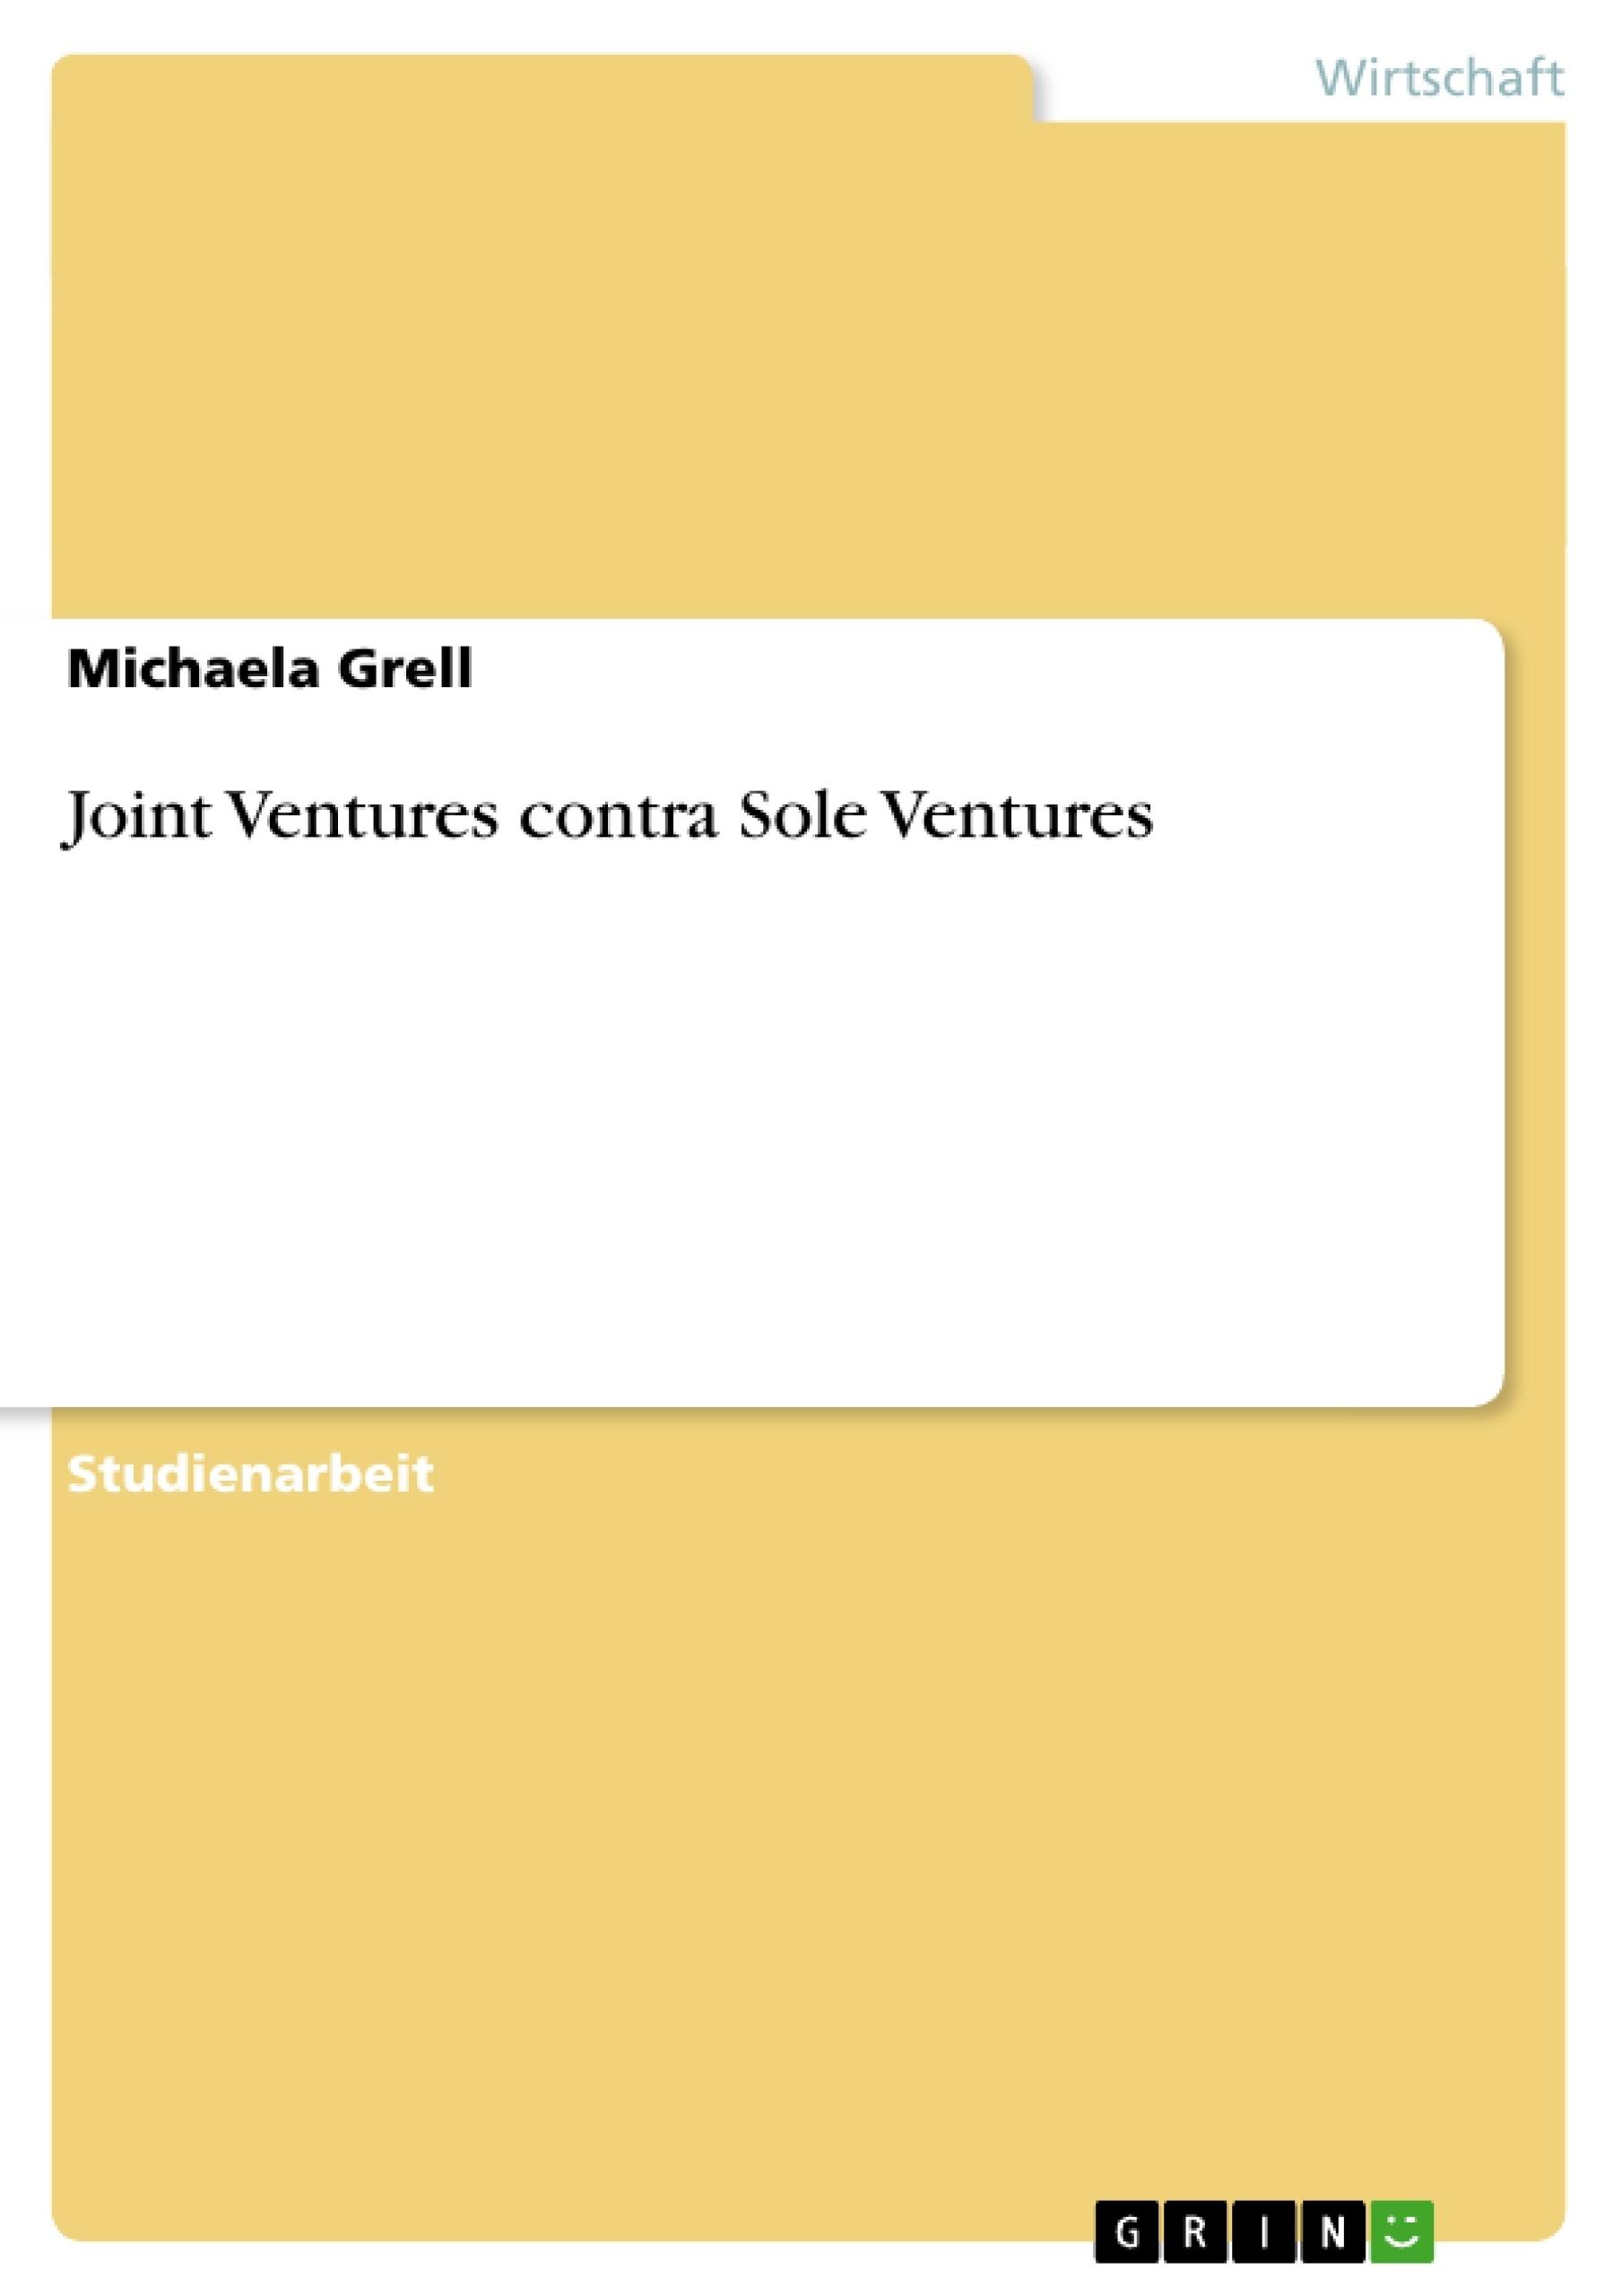 Titel: Joint Ventures contra Sole Ventures